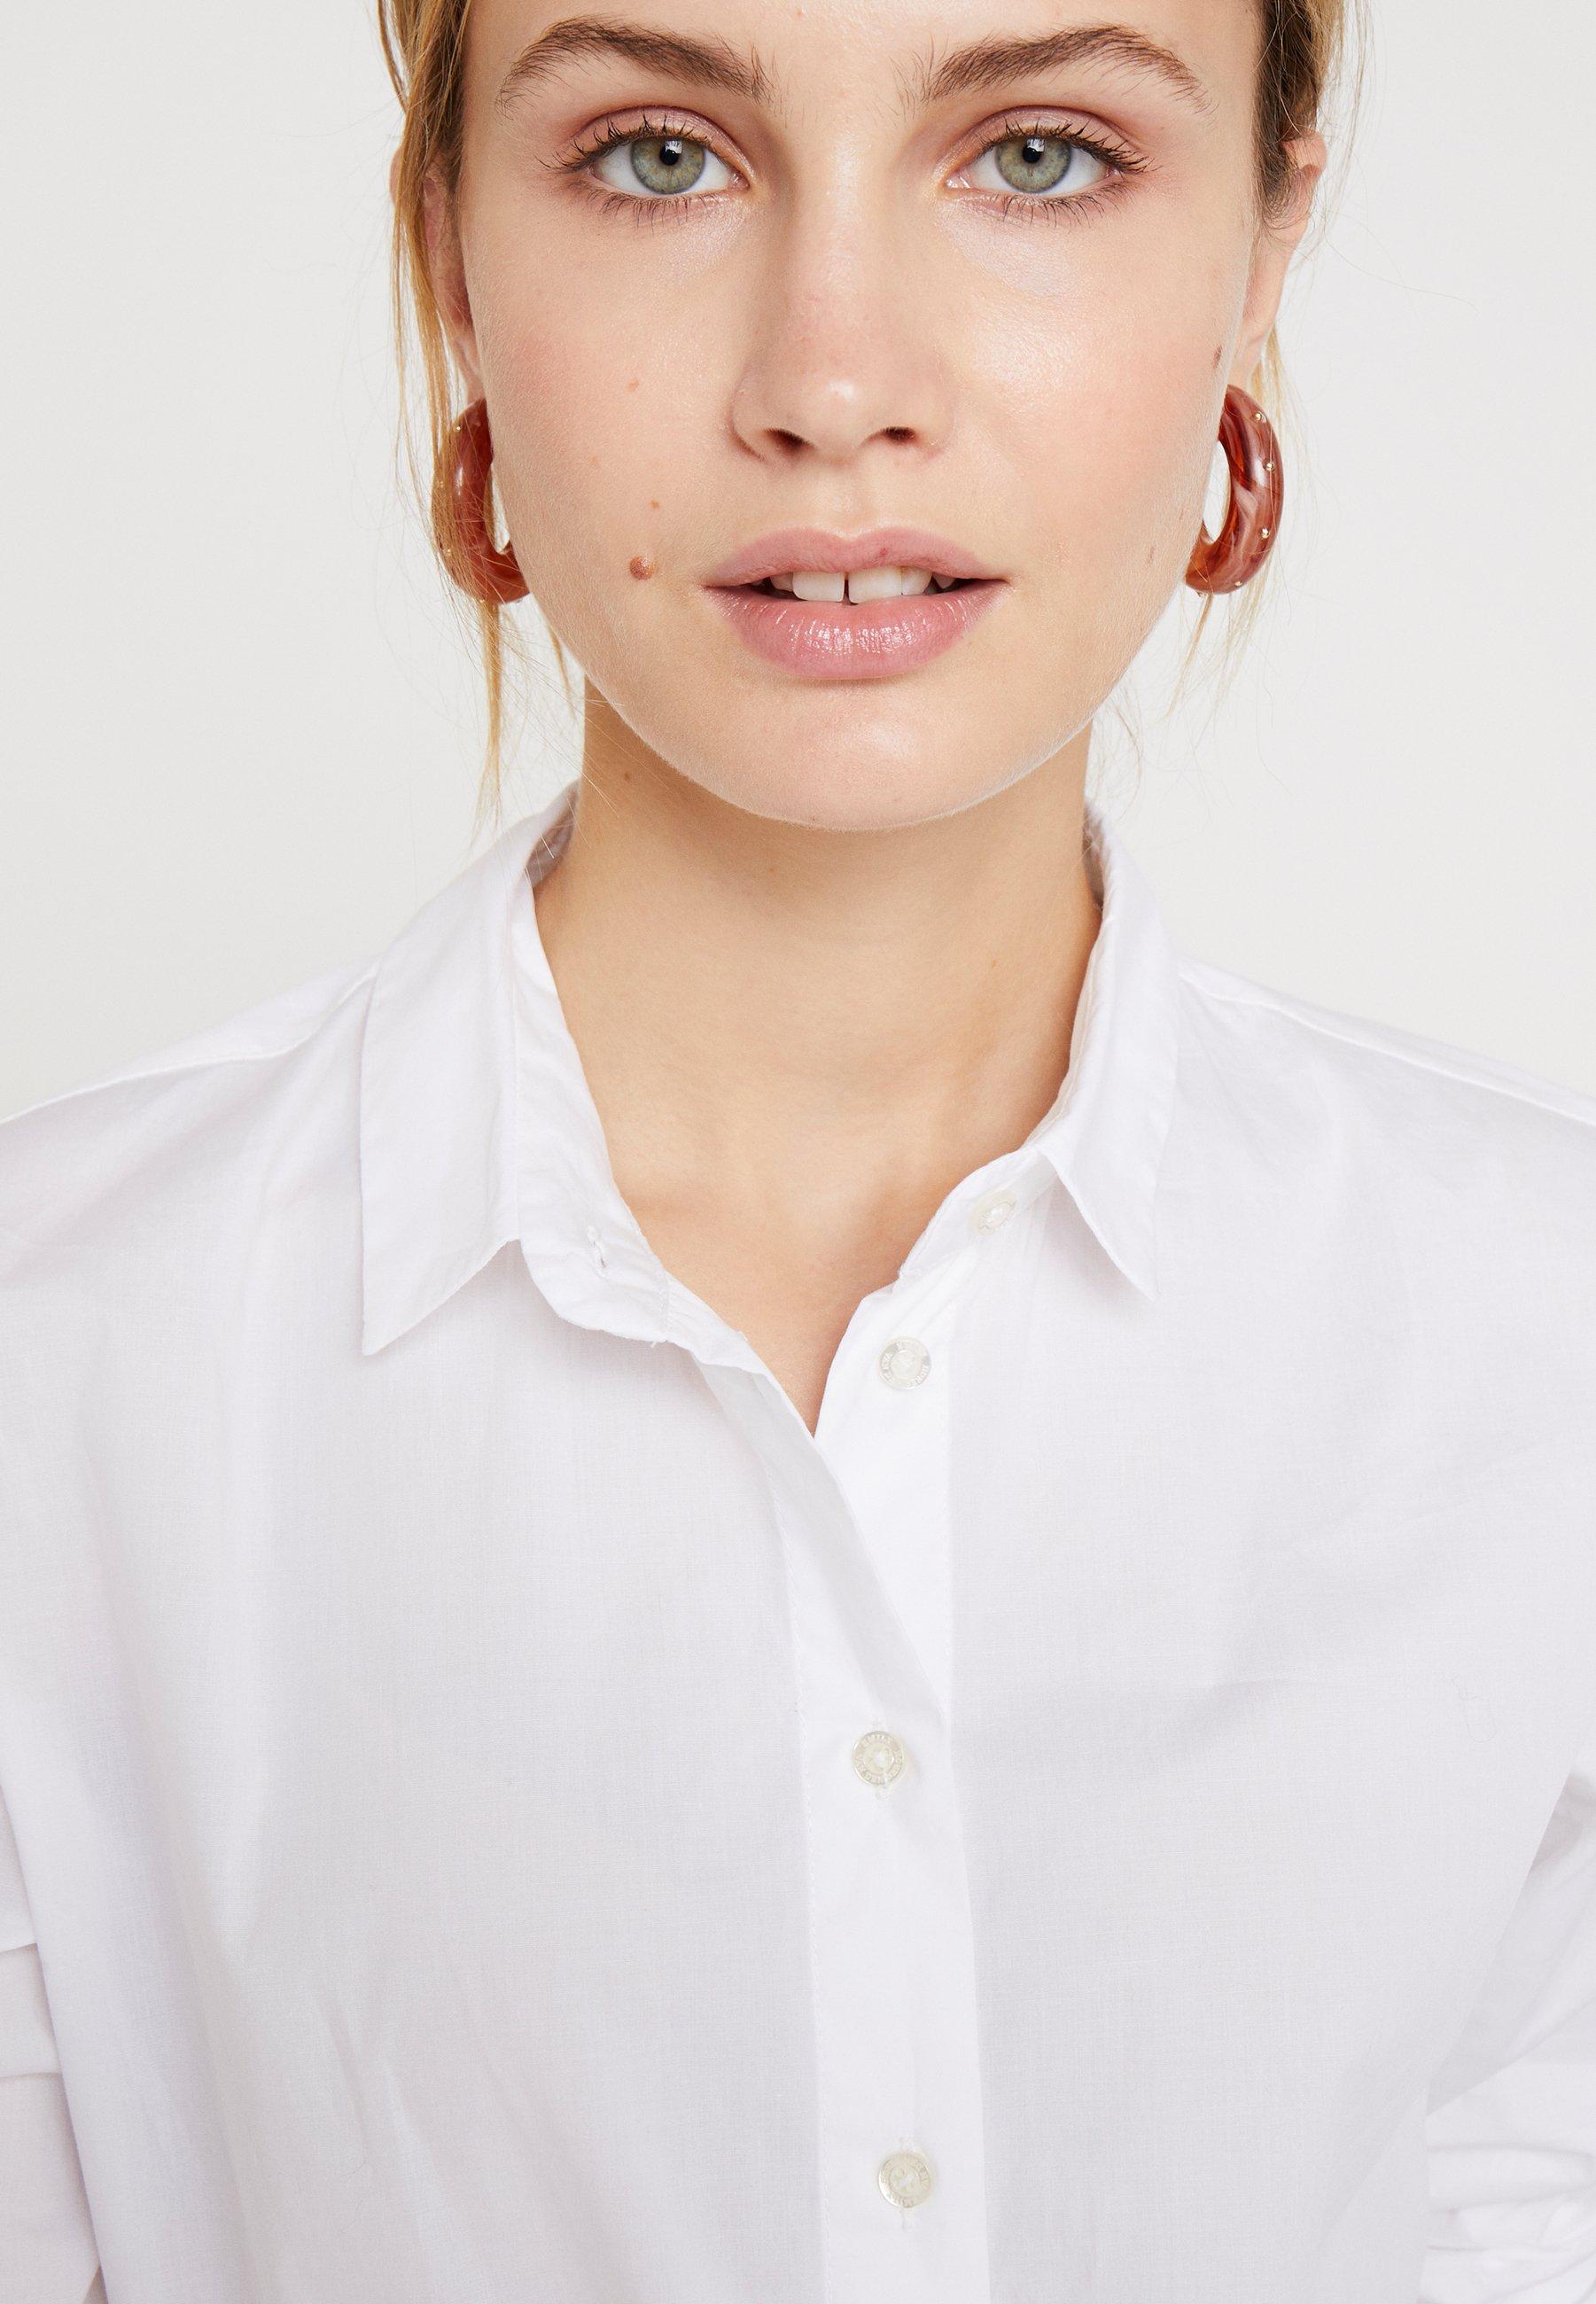 Emily van den Bergh Camisa white